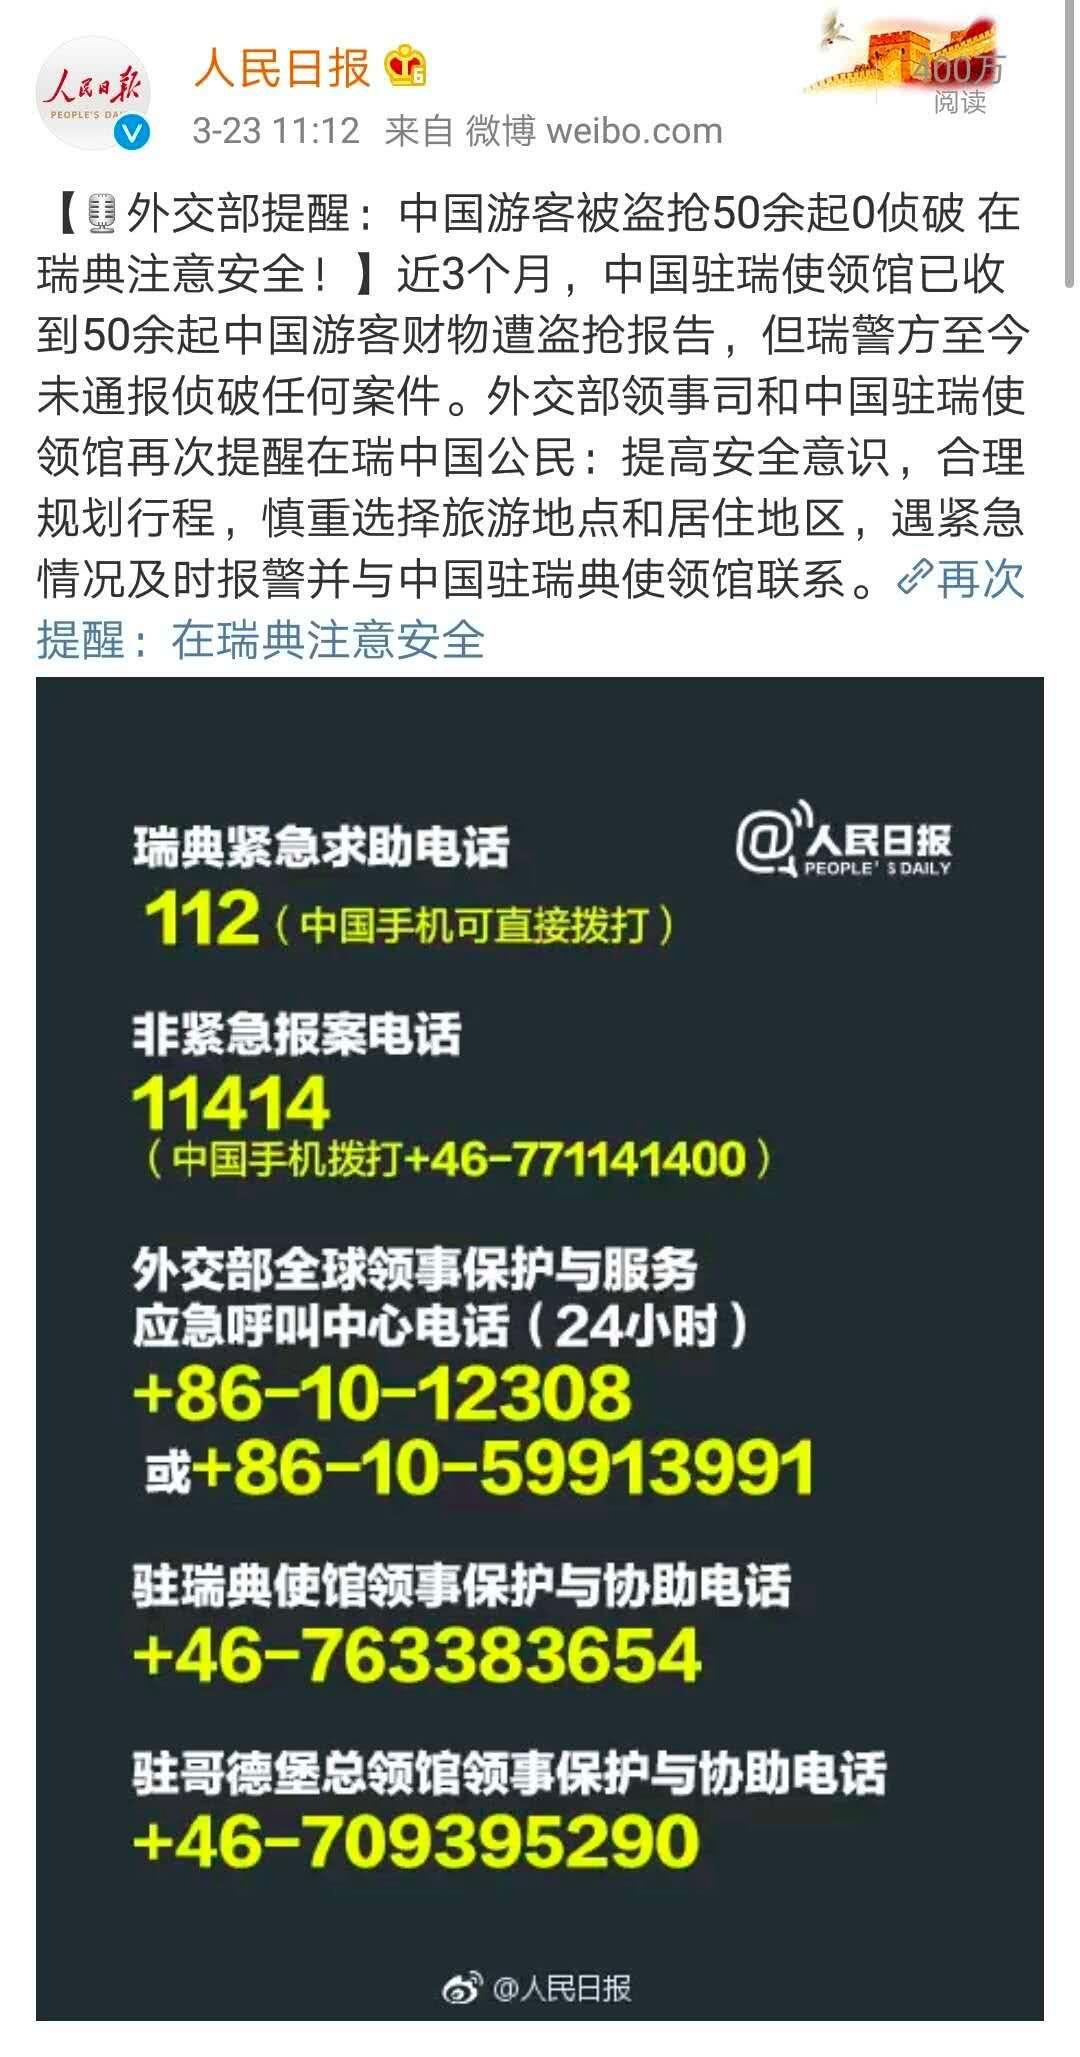 又是瑞典!外交部提醒:中国游客被盗抢50余起0侦破